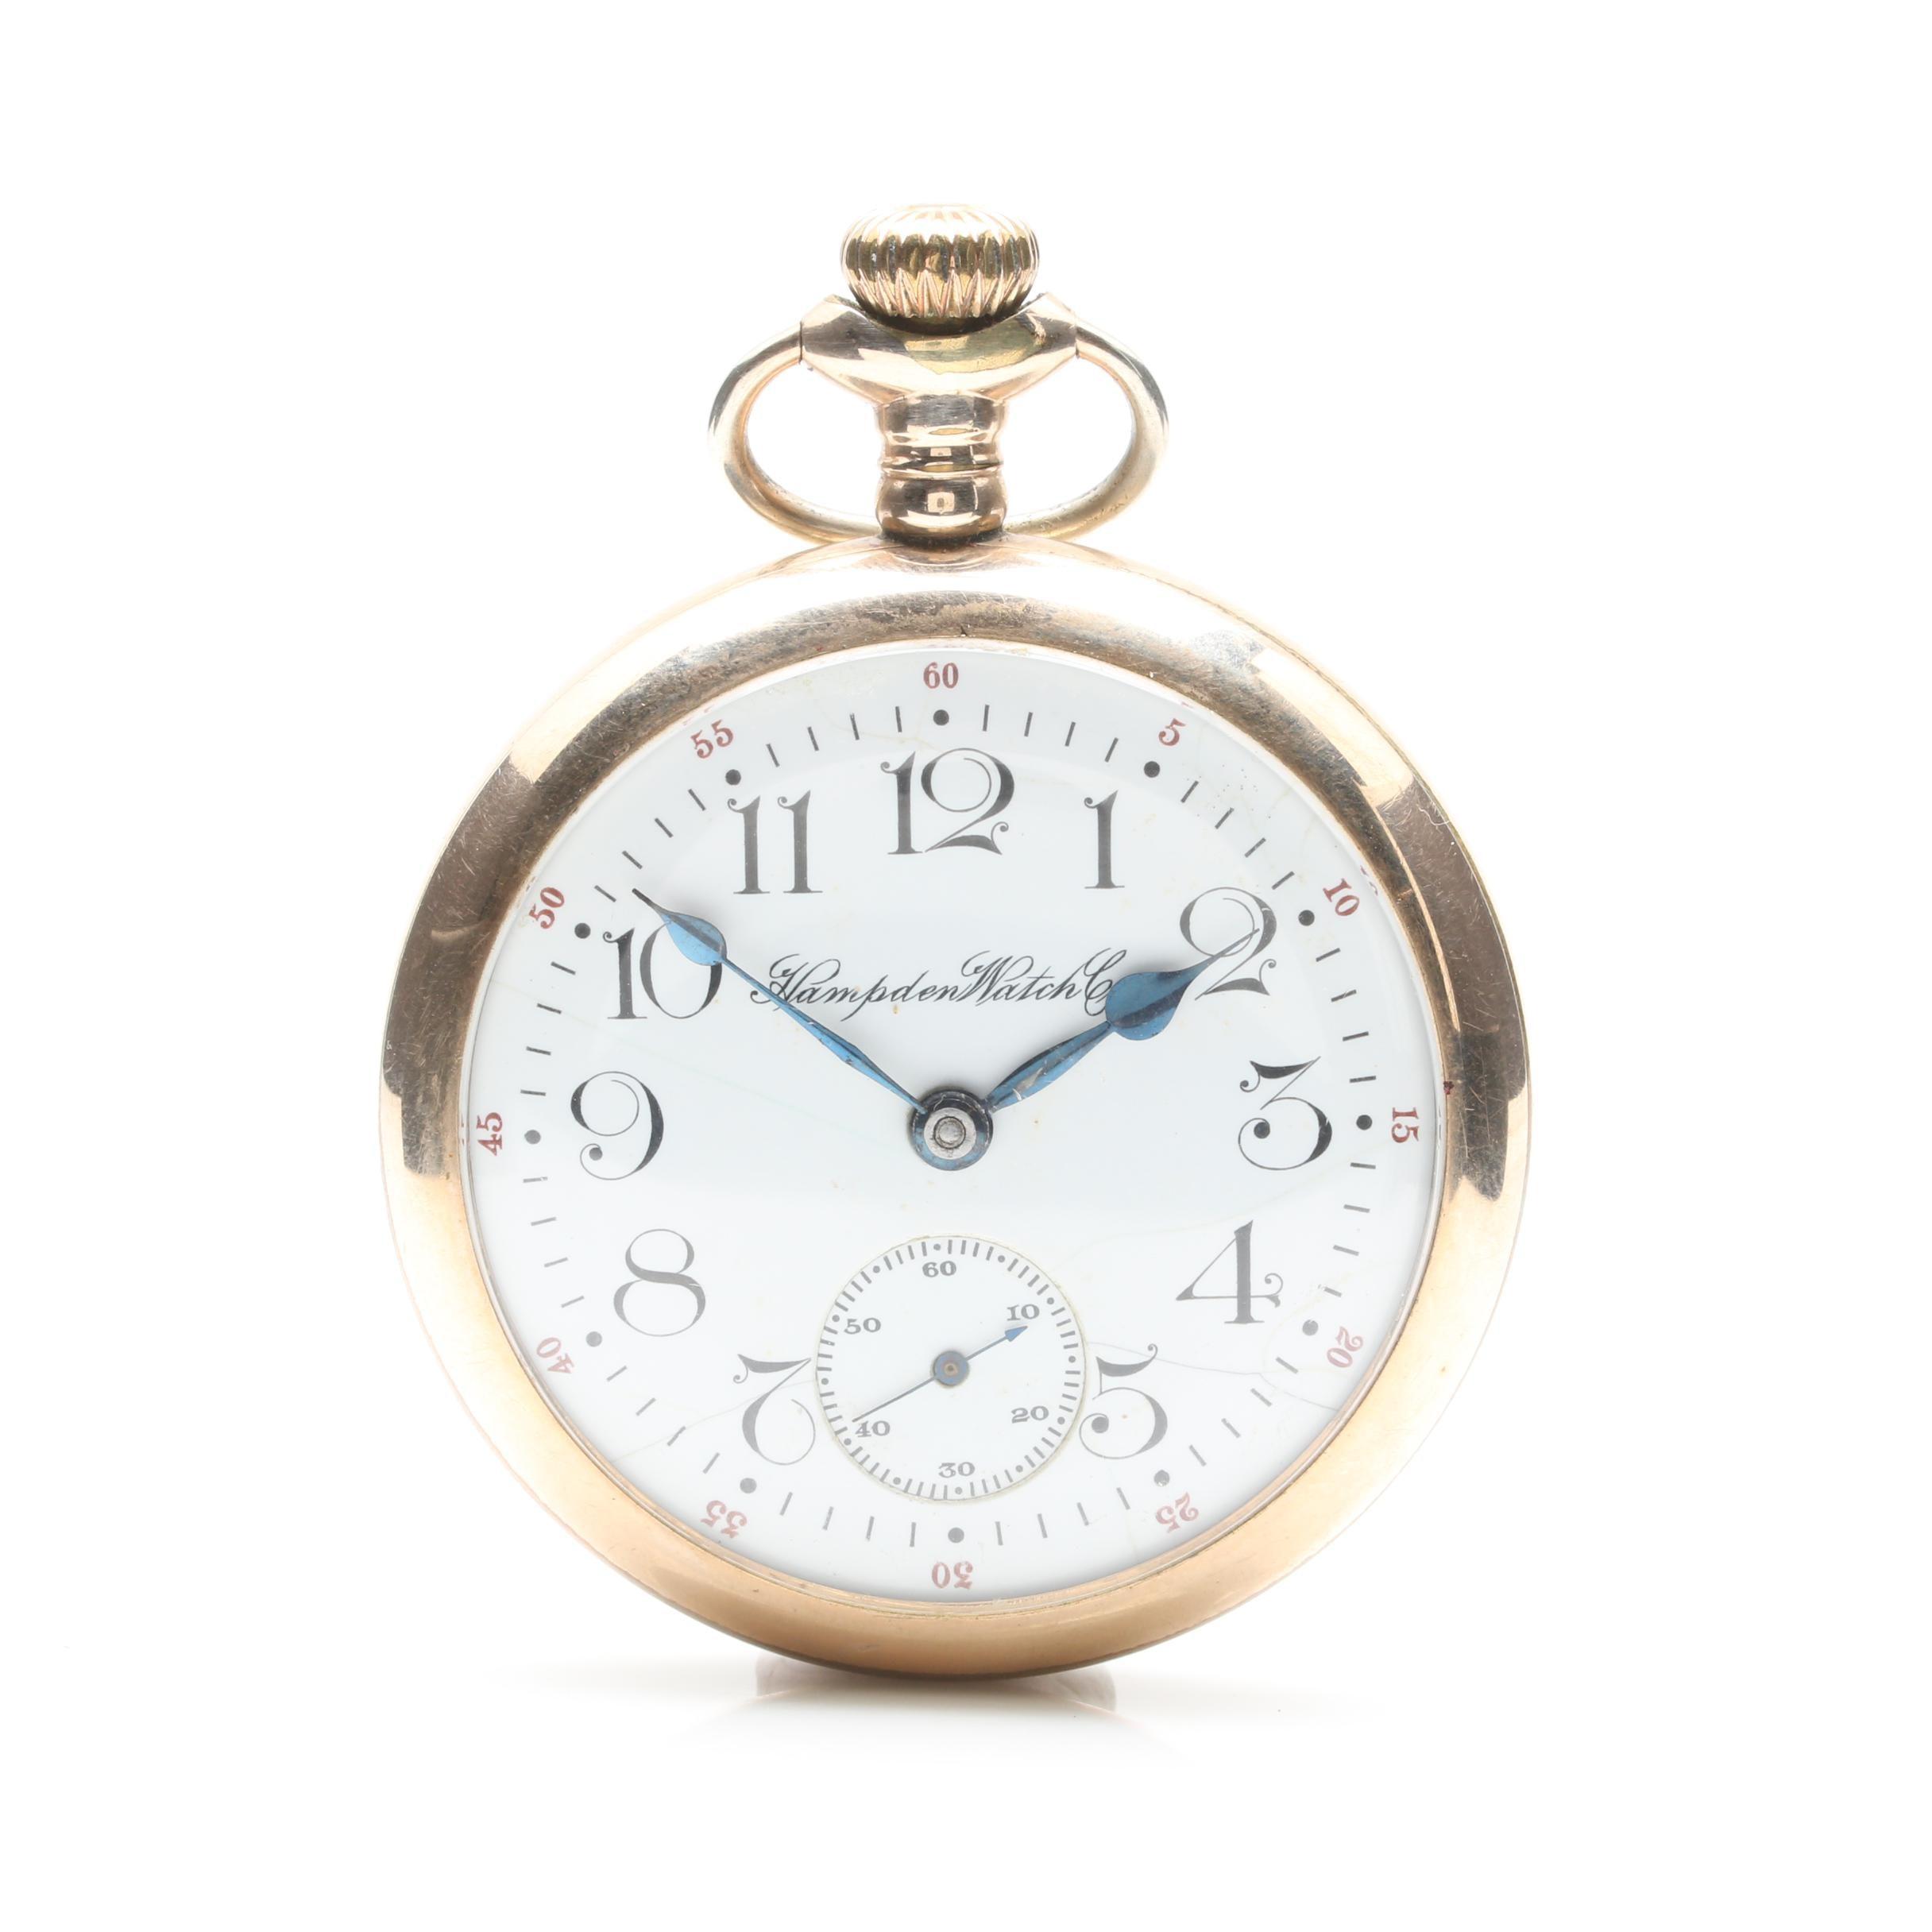 Antique Hampden Gold Filled Open Face Pocket Watch